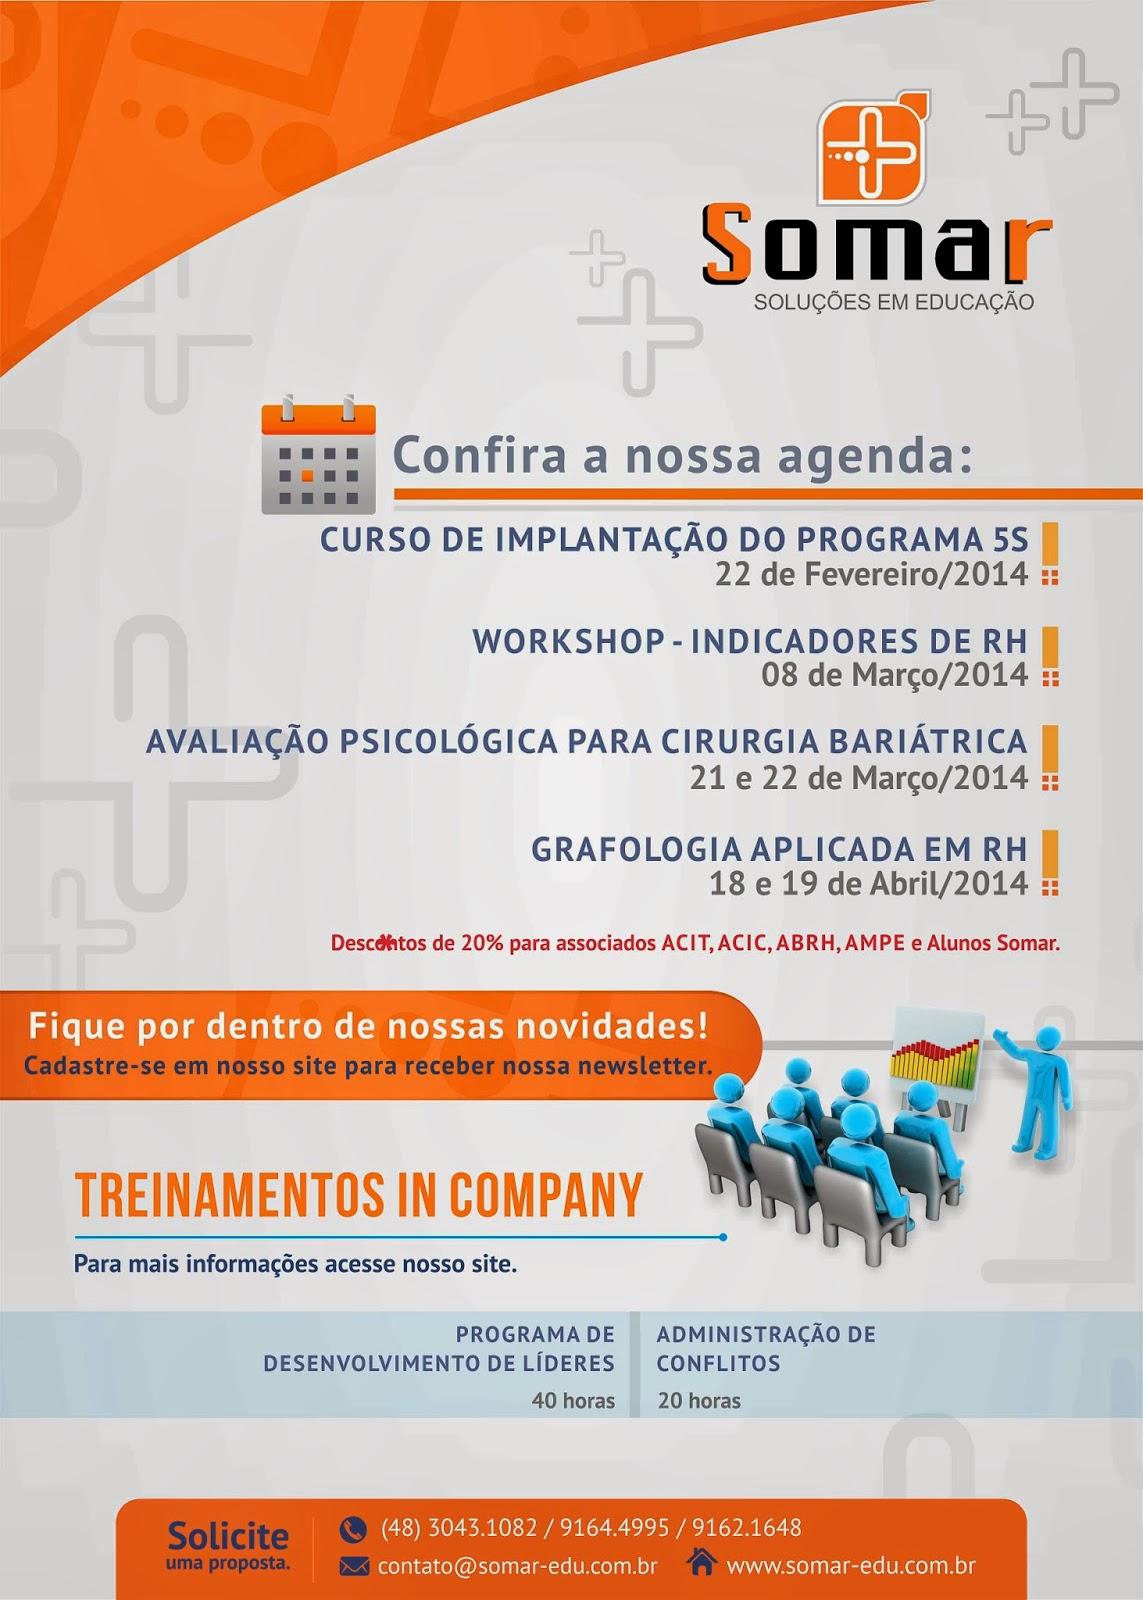 http://www.somar-edu.com.br/cursos.html